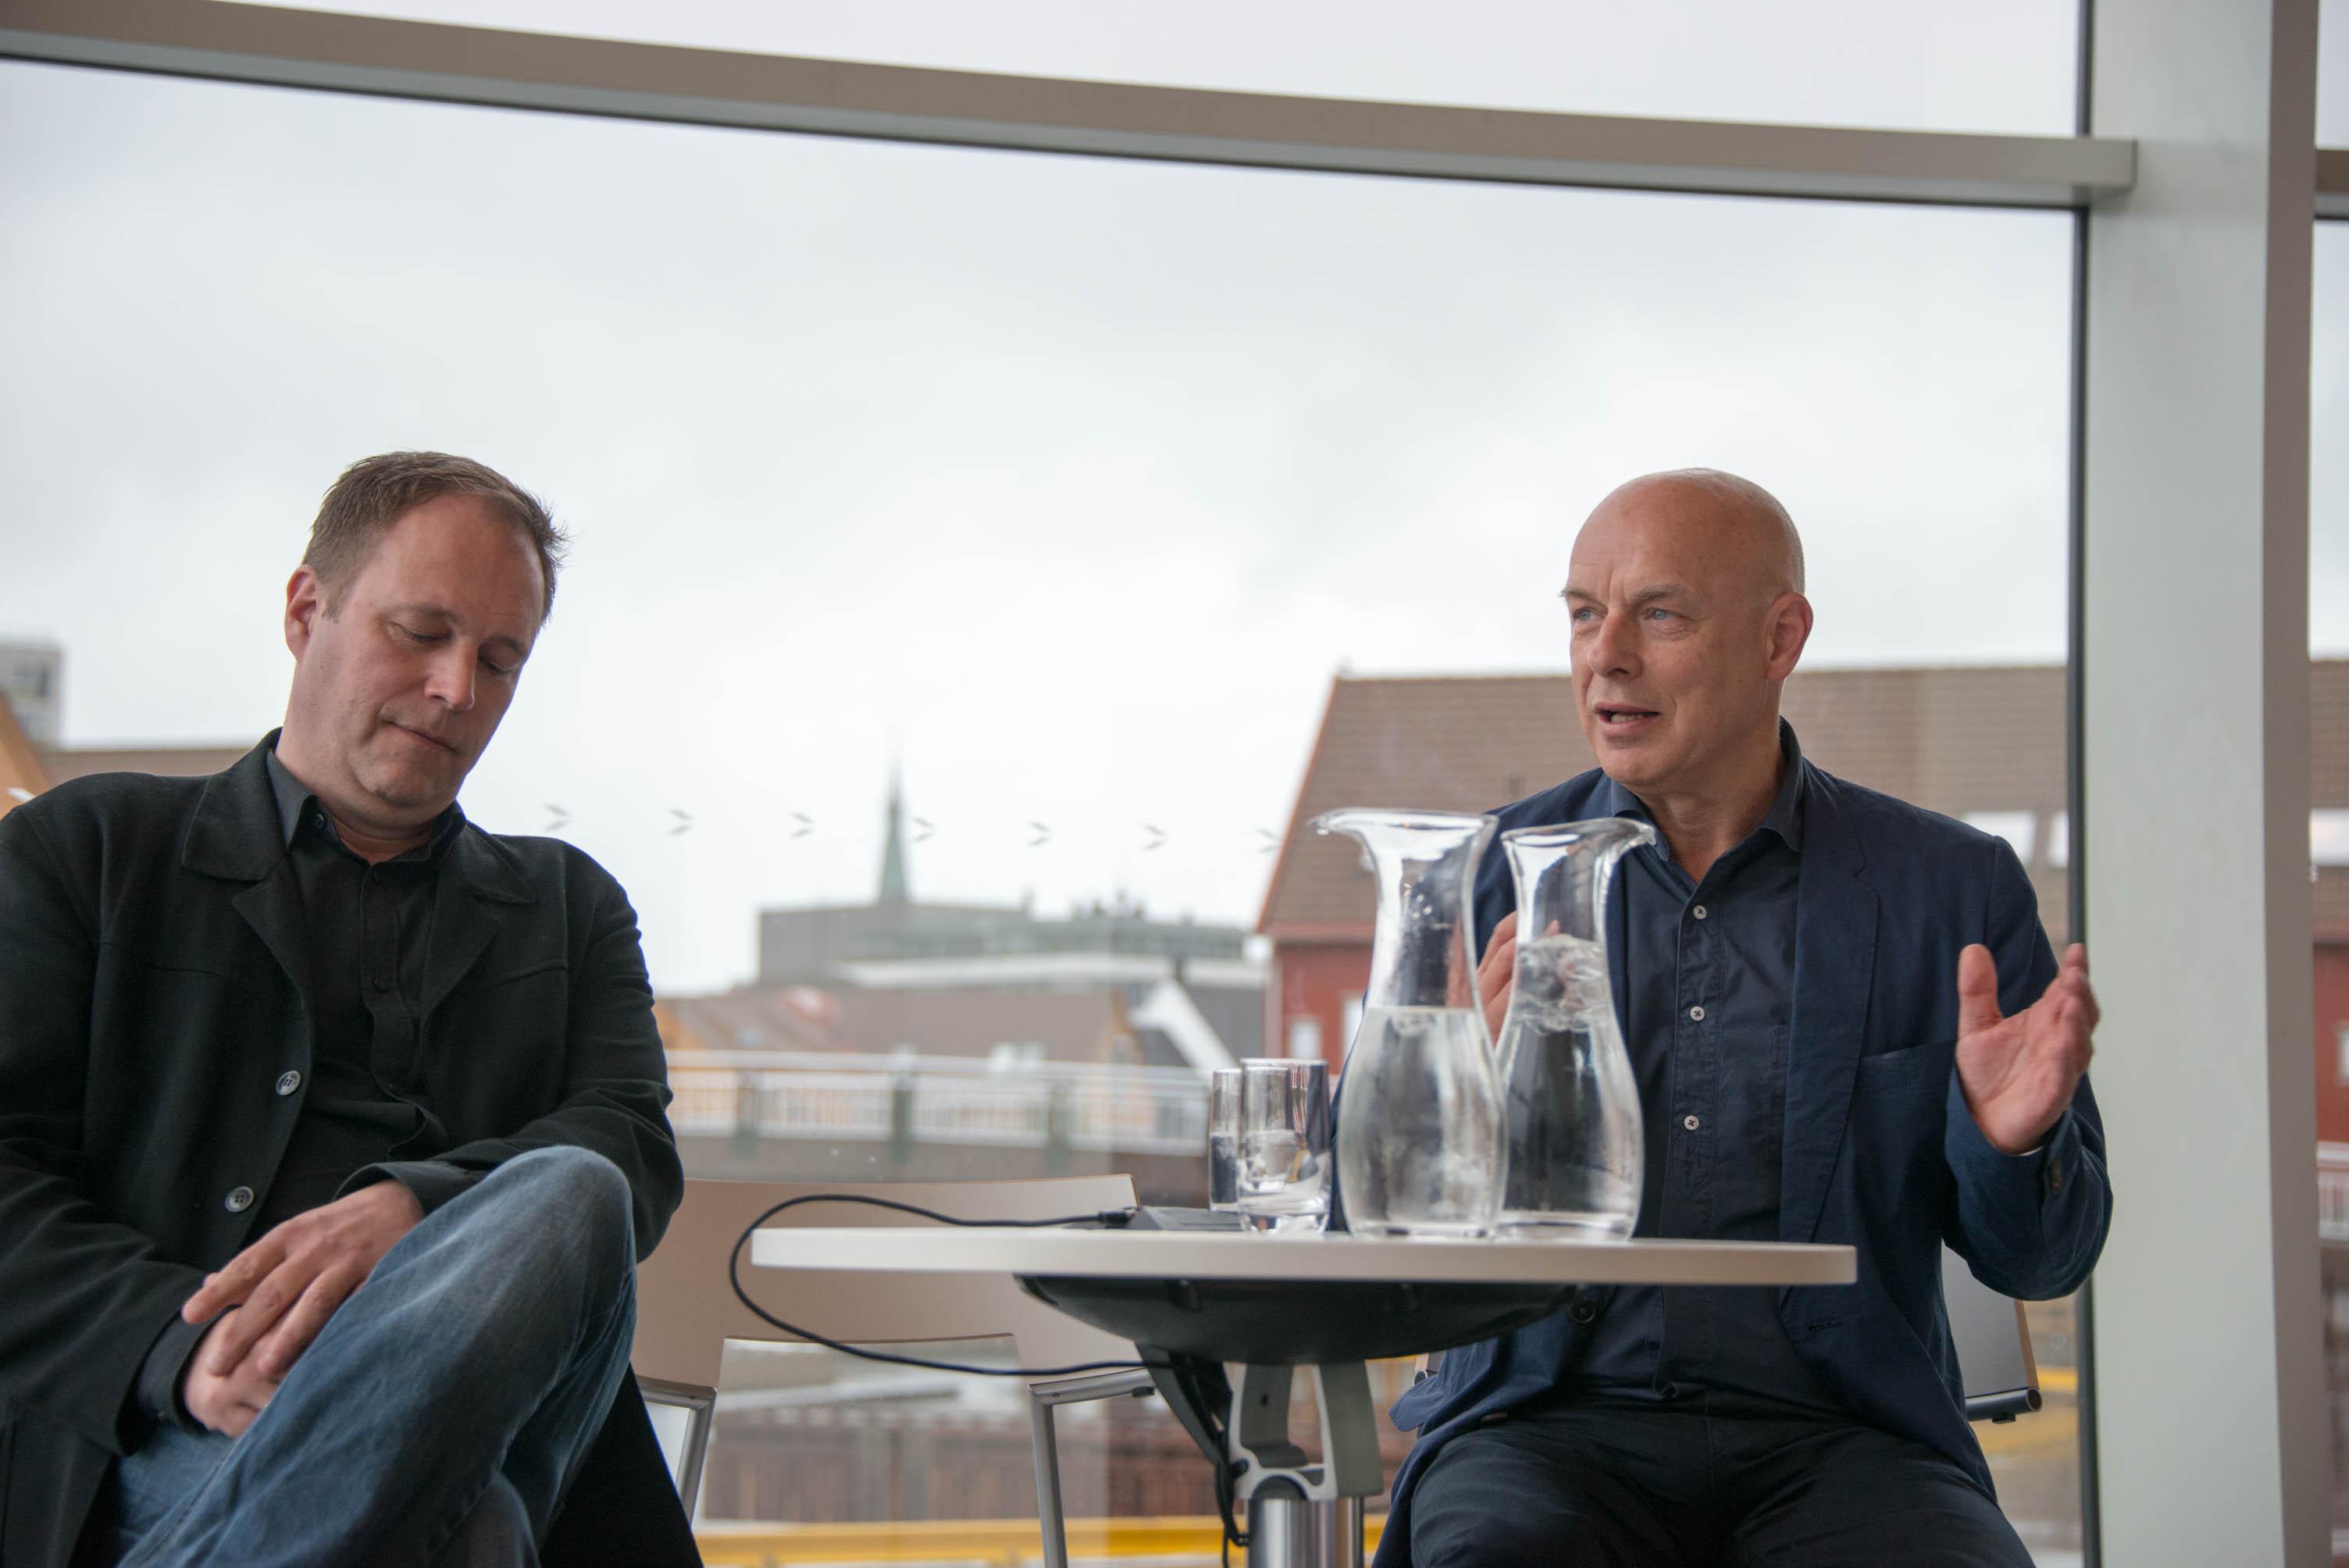 Punkt 2012: Brian Eno, Punkt 2012 Curator